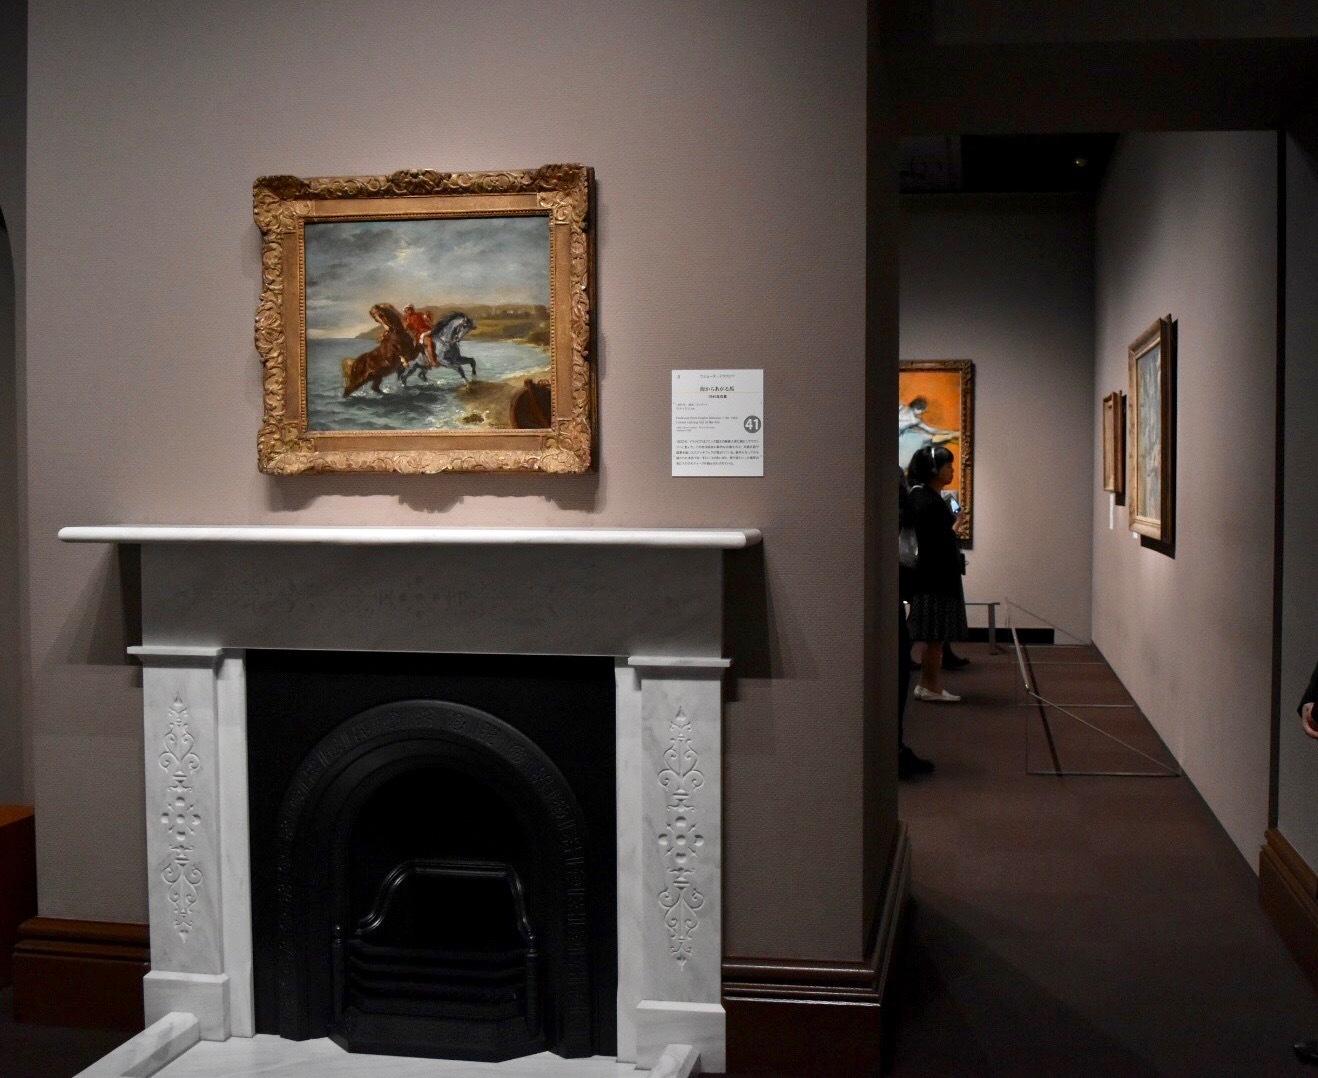 展示風景:手前:ウジェーヌ・ドラクロワ 《海からあがる馬》 1860年